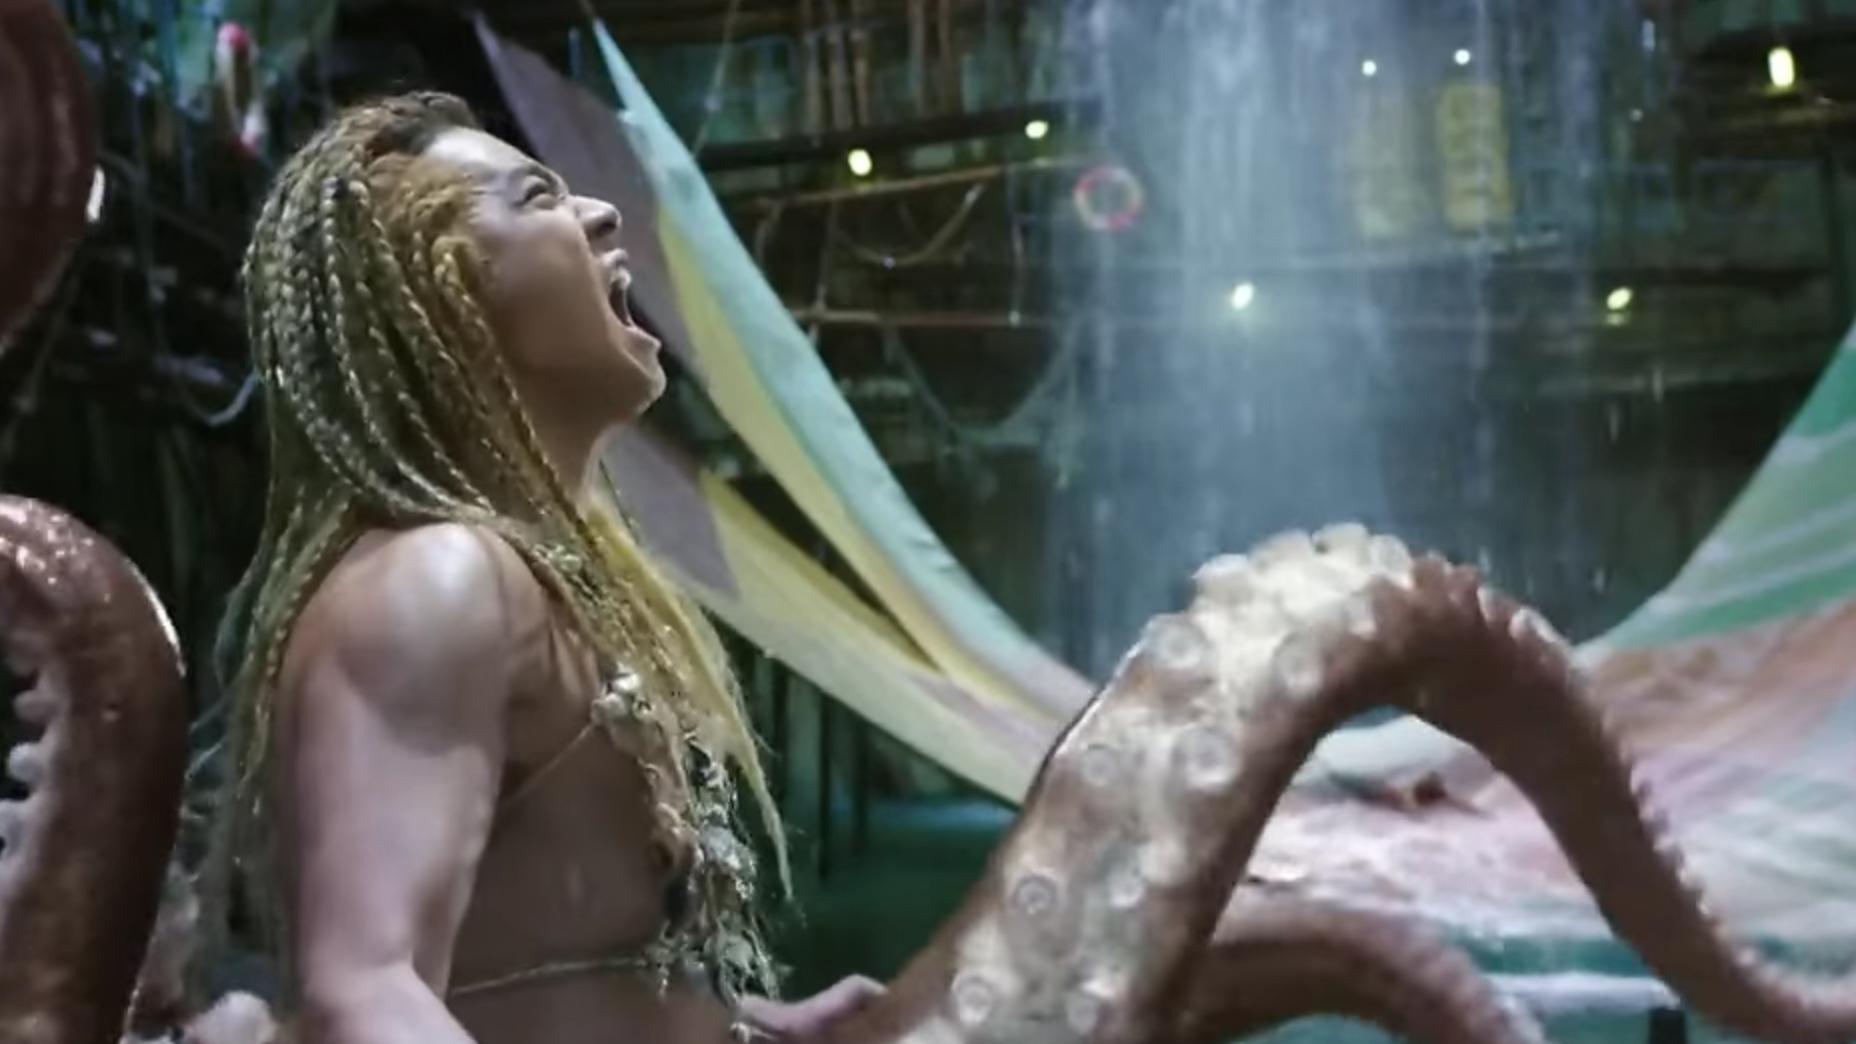 the mermaid.png